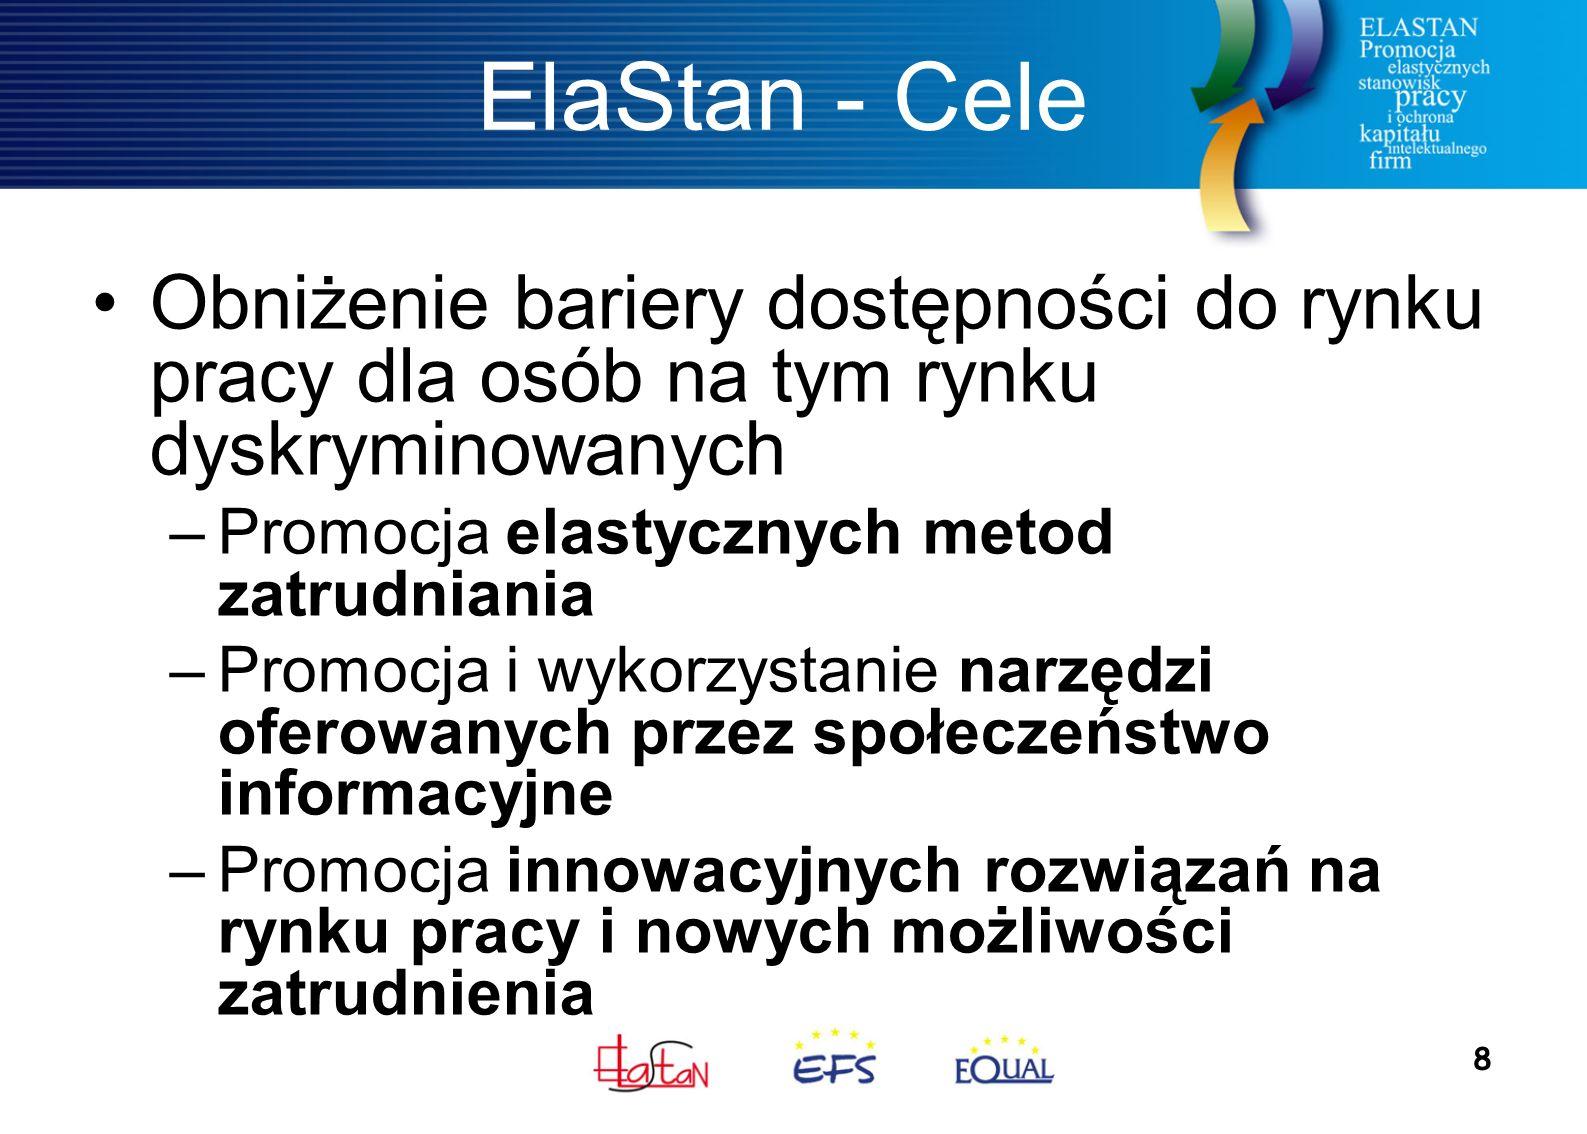 8 ElaStan - Cele Obniżenie bariery dostępności do rynku pracy dla osób na tym rynku dyskryminowanych –Promocja elastycznych metod zatrudniania –Promocja i wykorzystanie narzędzi oferowanych przez społeczeństwo informacyjne –Promocja innowacyjnych rozwiązań na rynku pracy i nowych możliwości zatrudnienia